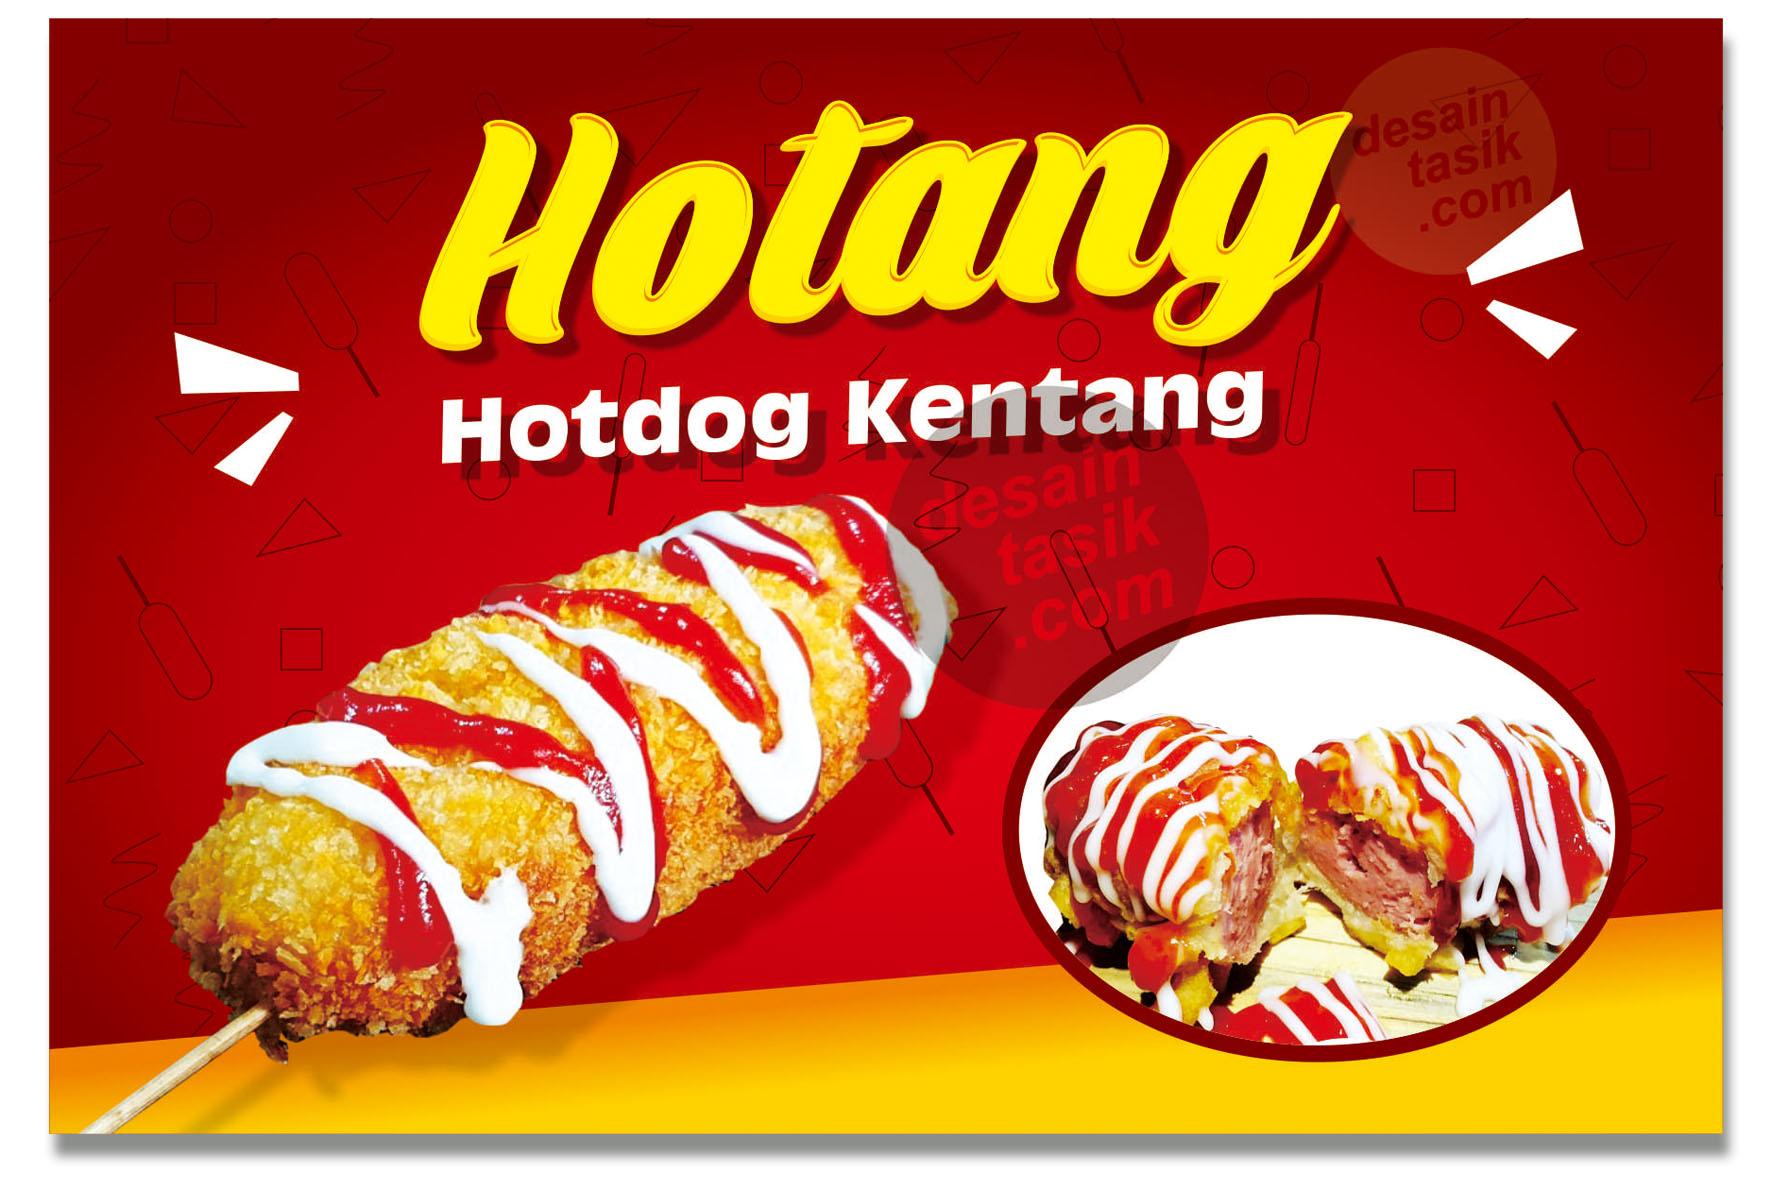 Contoh Desain Banner Spanduk Hotang Kekinian | Desaintasik.com